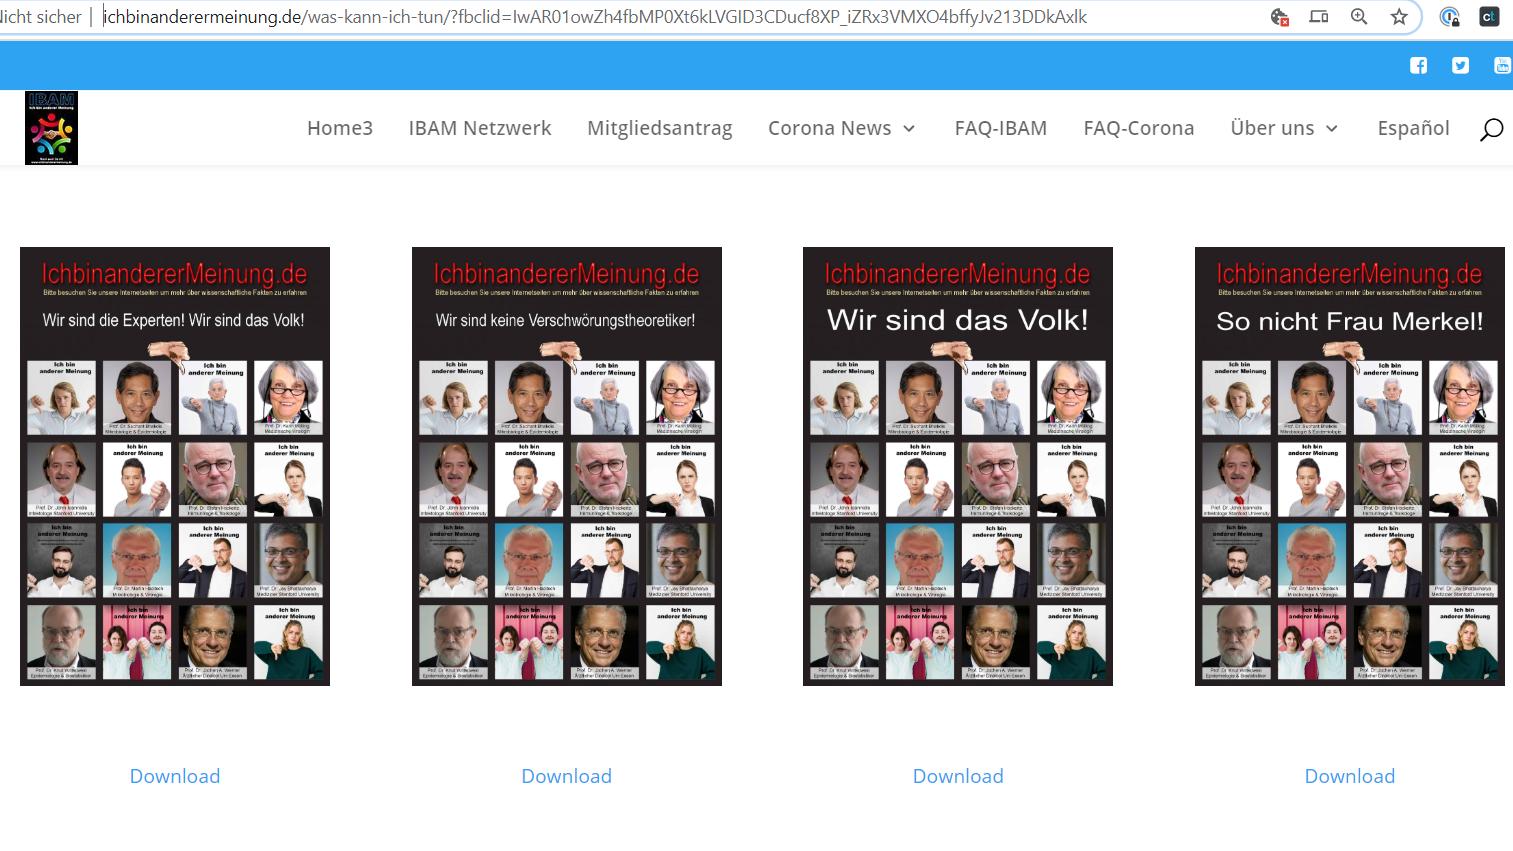 """Ein Screenshot (Stand: 05.04.2020) zeigt IBAM-Plakate mit der Aufschrift """"Wir sind das Volk!""""."""